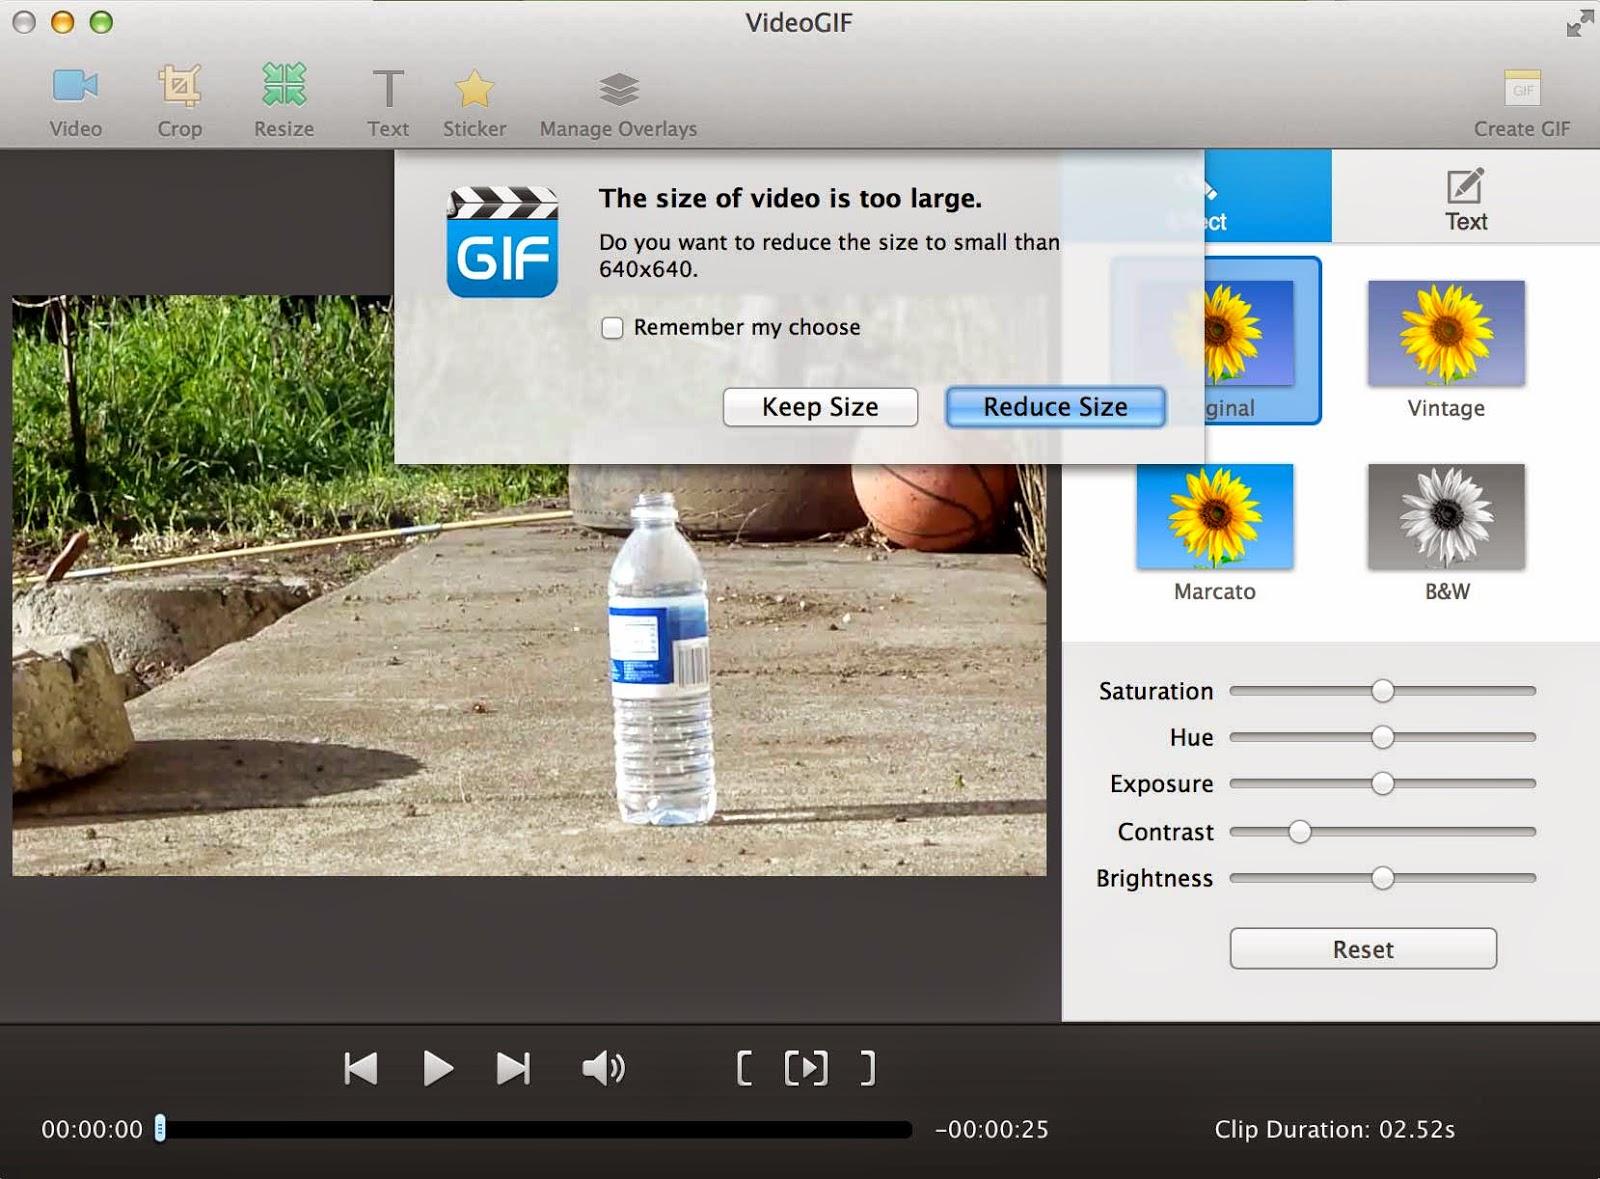 videogif video size